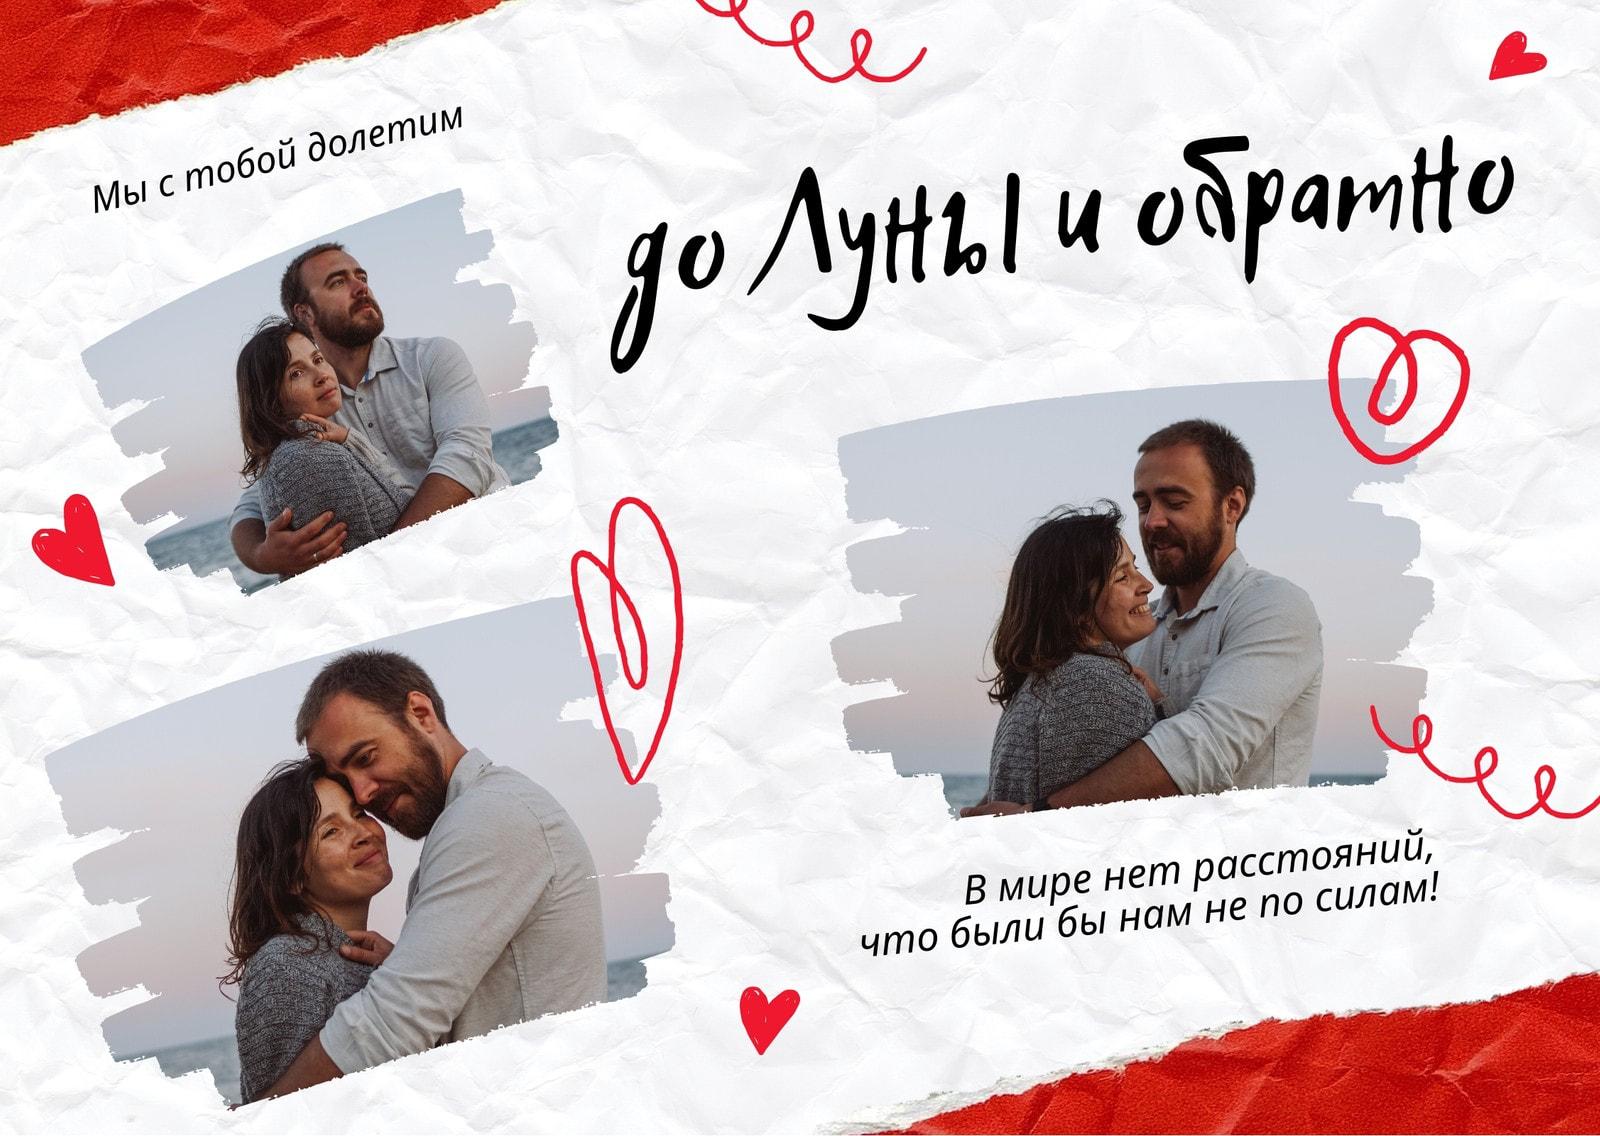 Бело-красная открытка на День святого Валентина с коллажем из фото пары